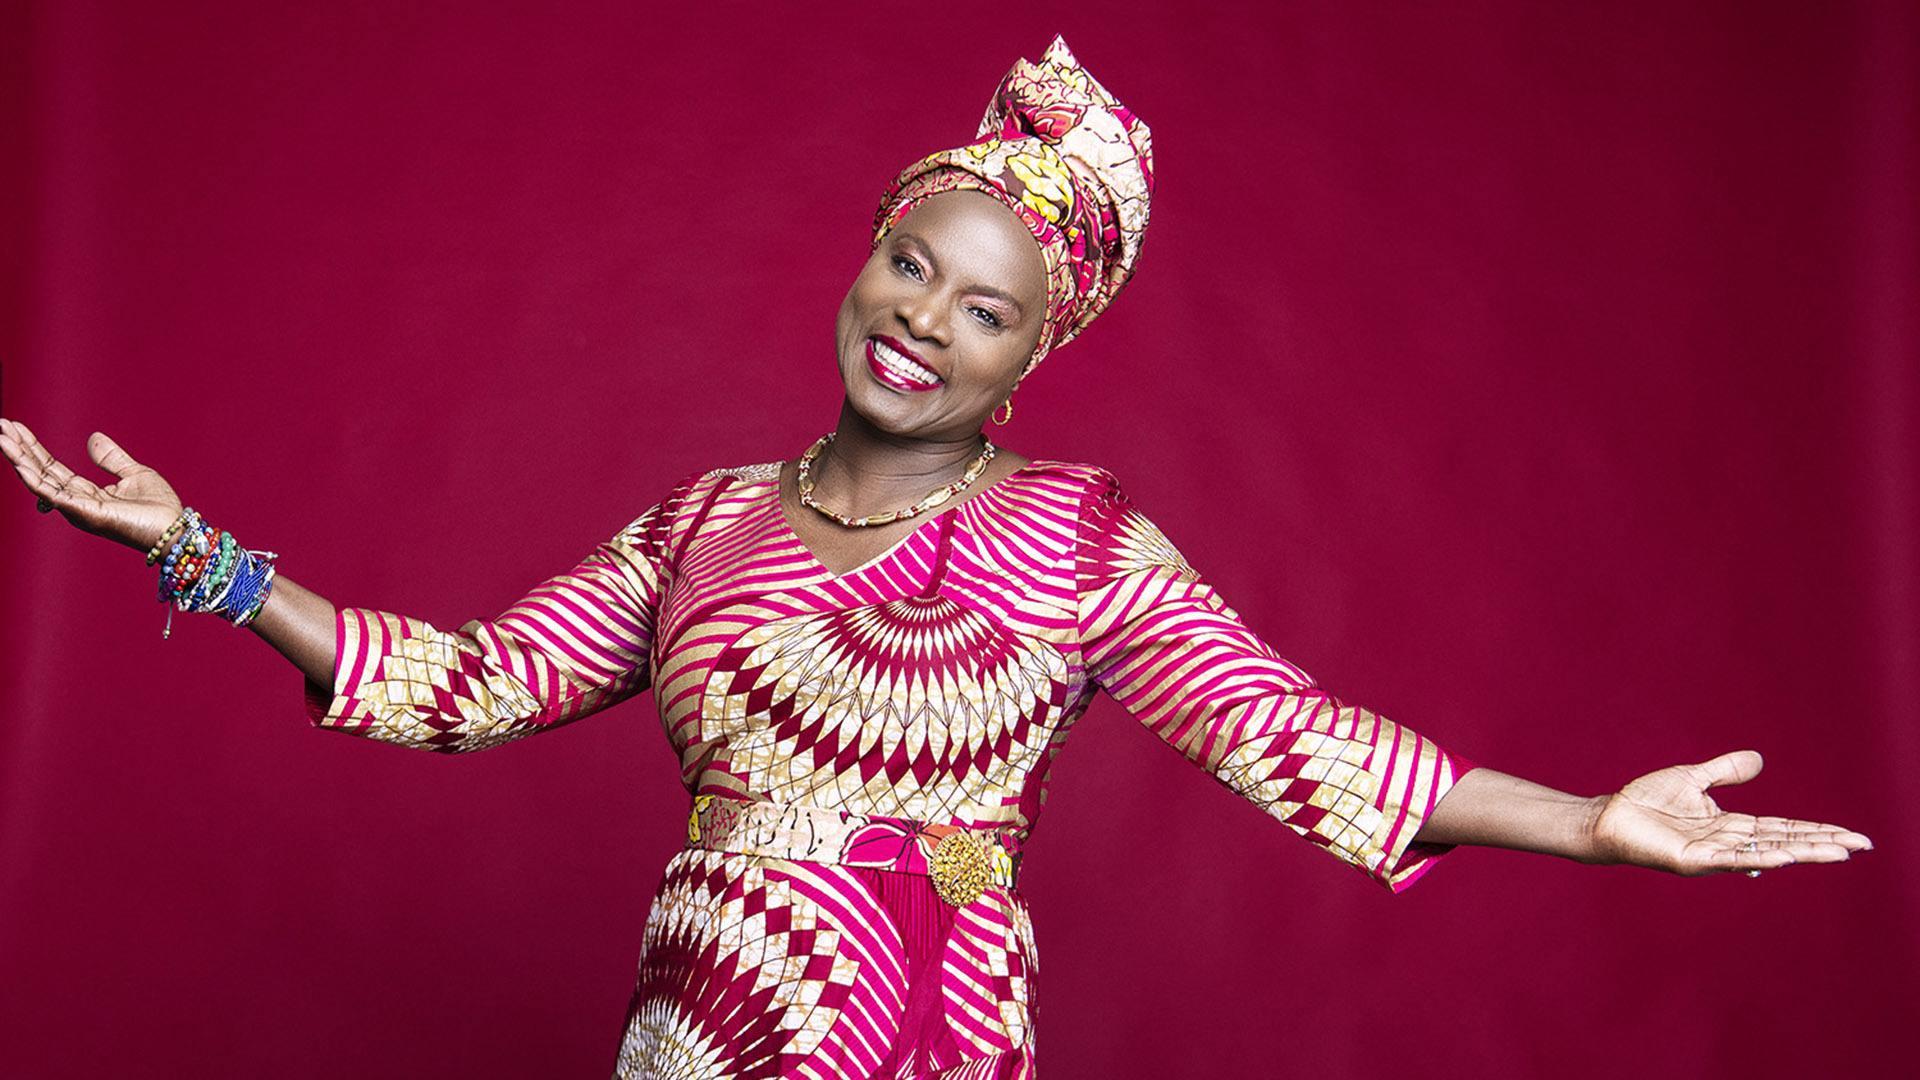 La radieuse Angélique Kidjo